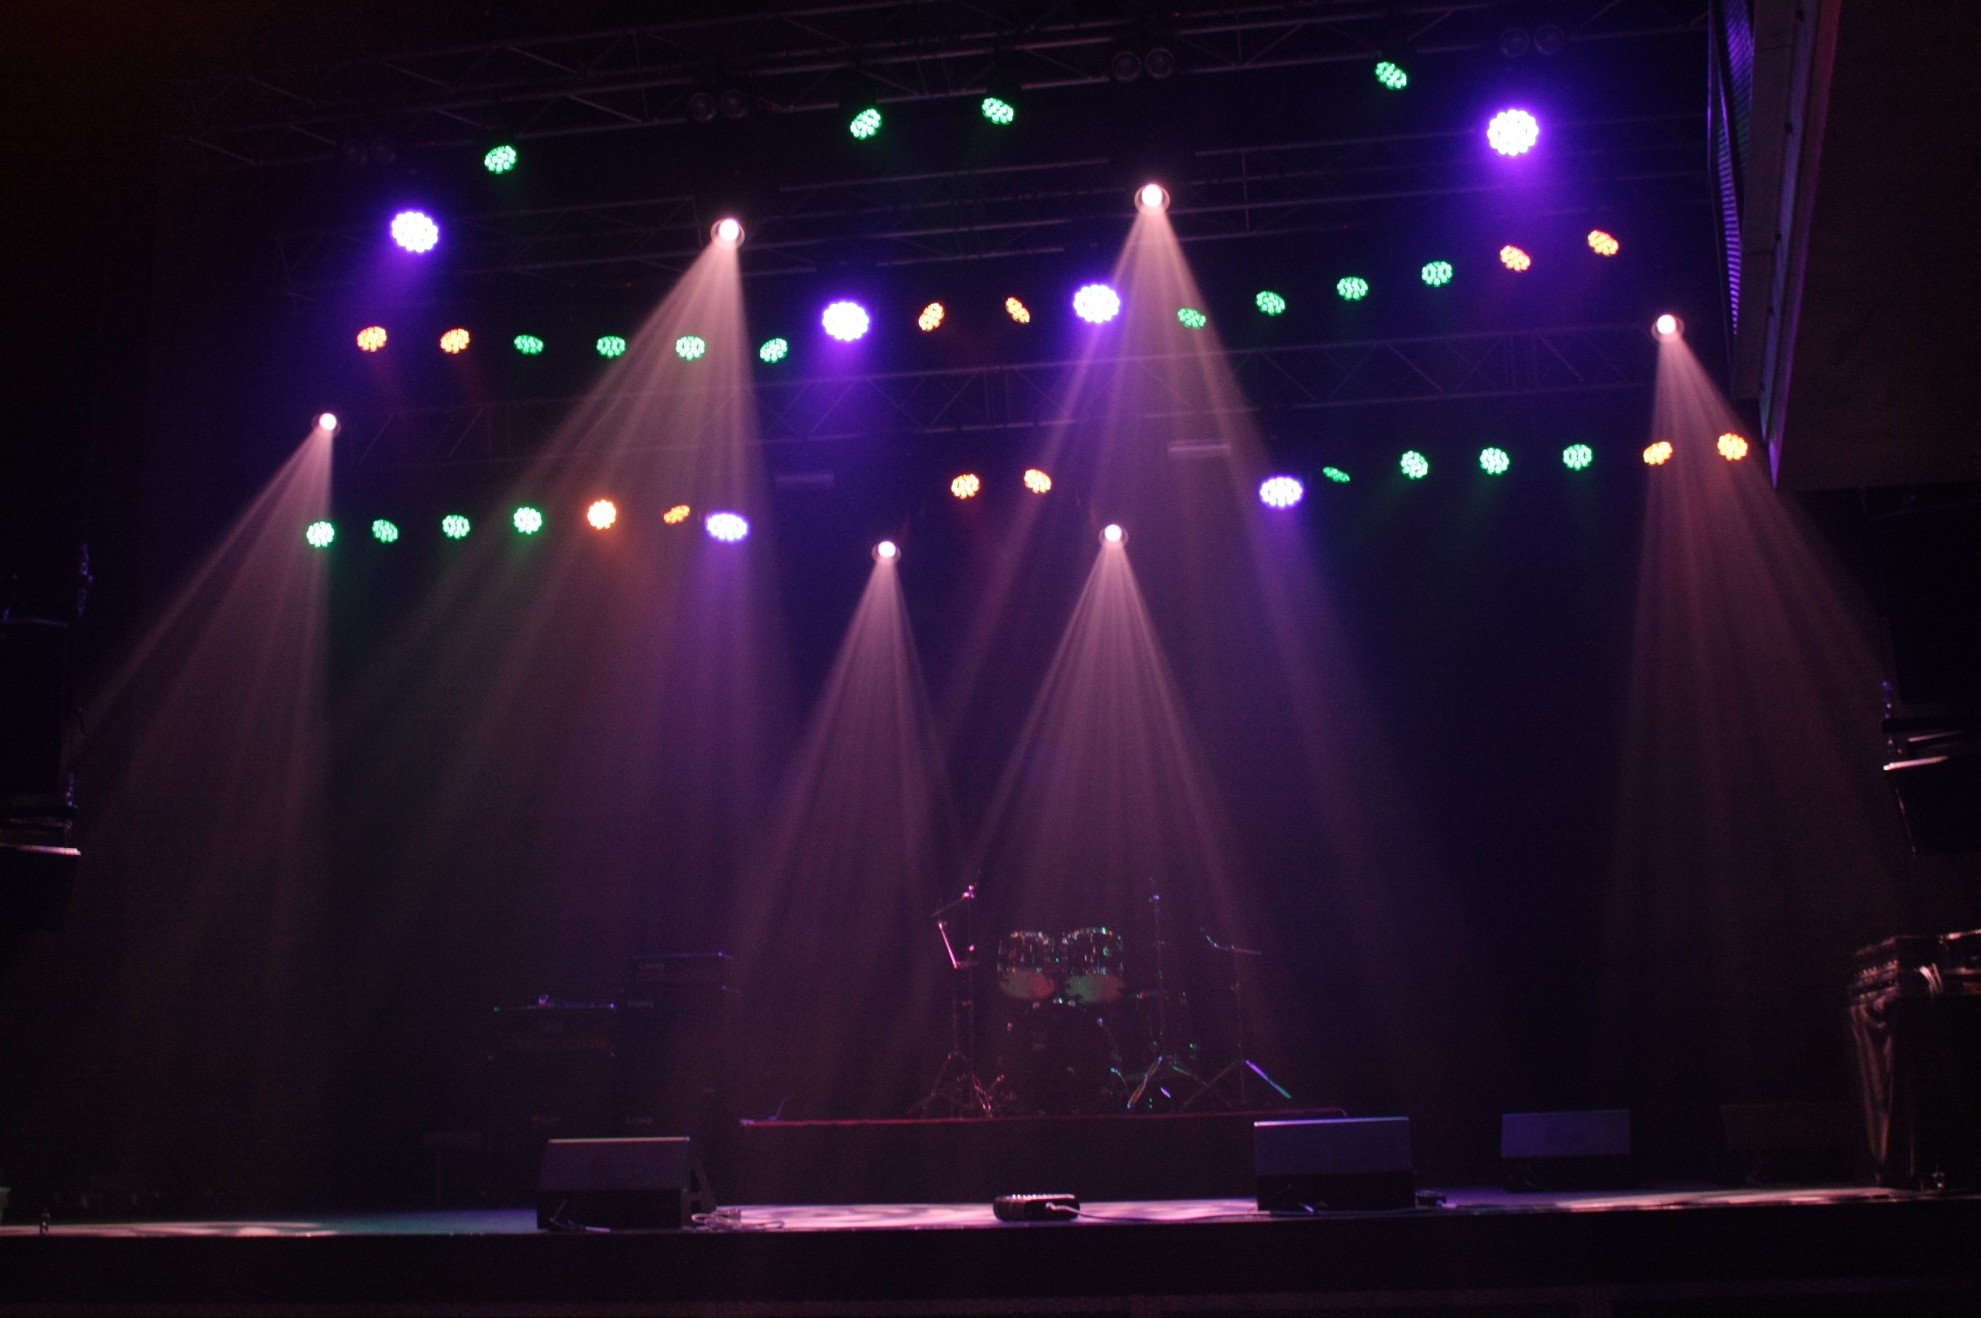 dutch music venue refurb features